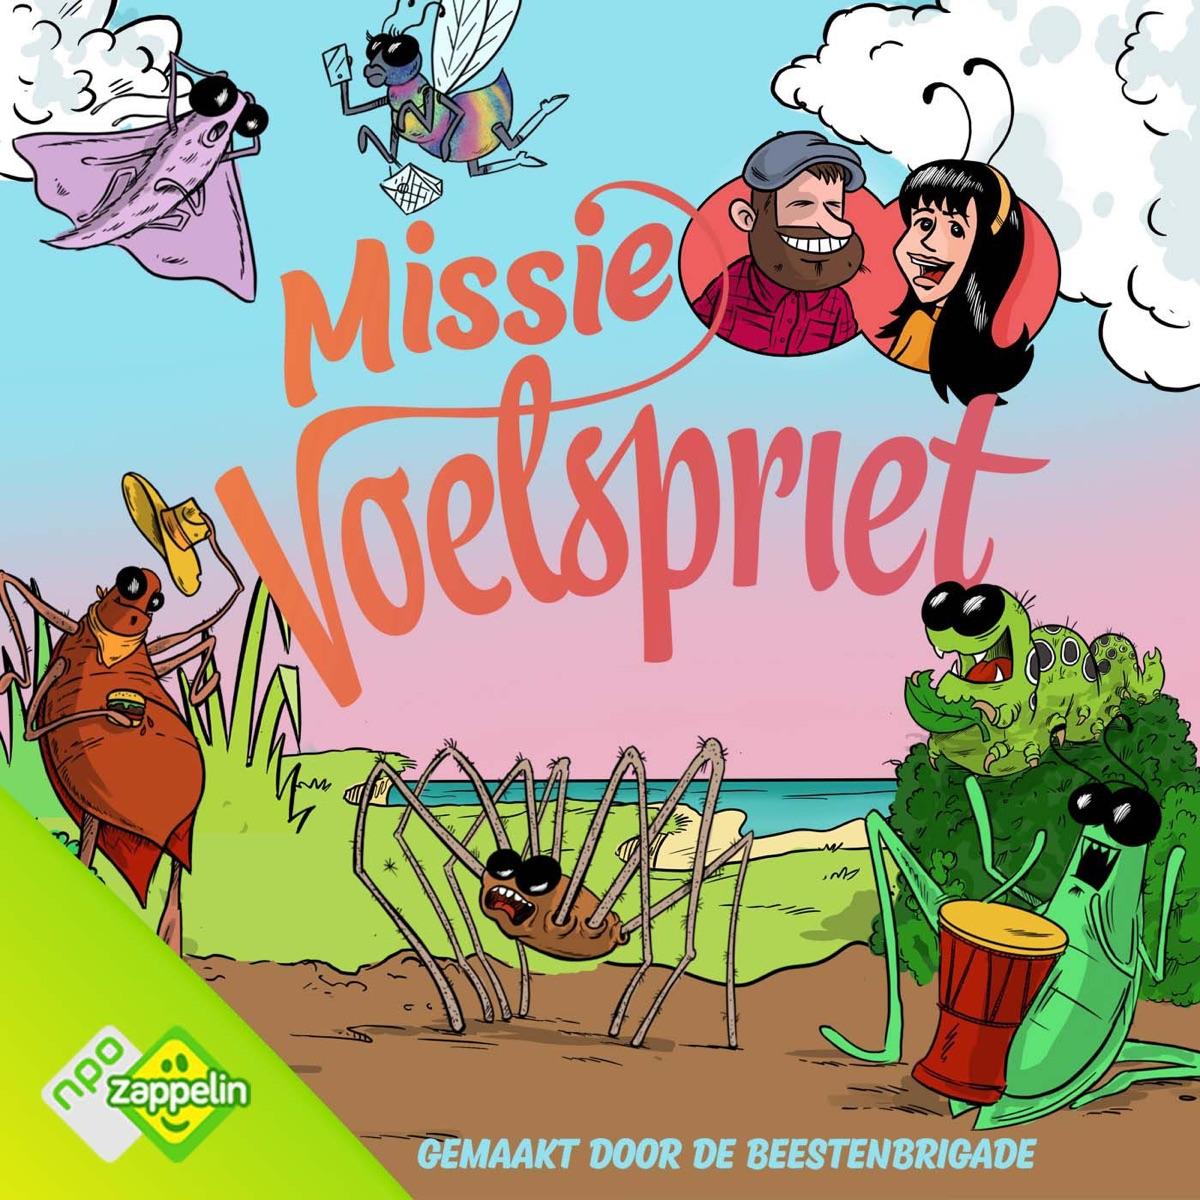 Missie Voelspriet (door Beestenbrigade)